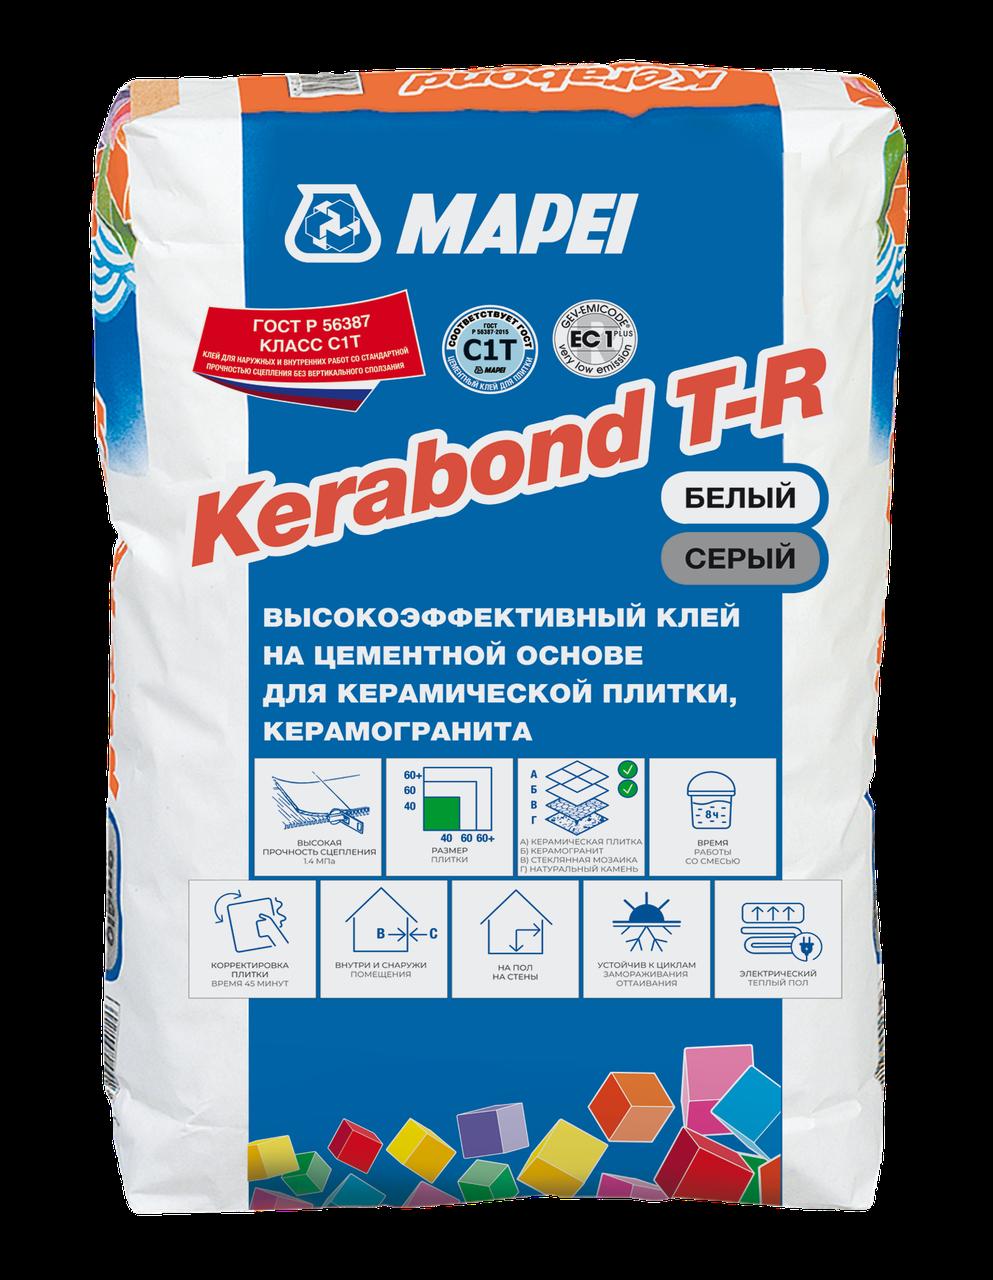 KERABOND T-R WHITE клеевая смесь 25 кг. РОССИЯ